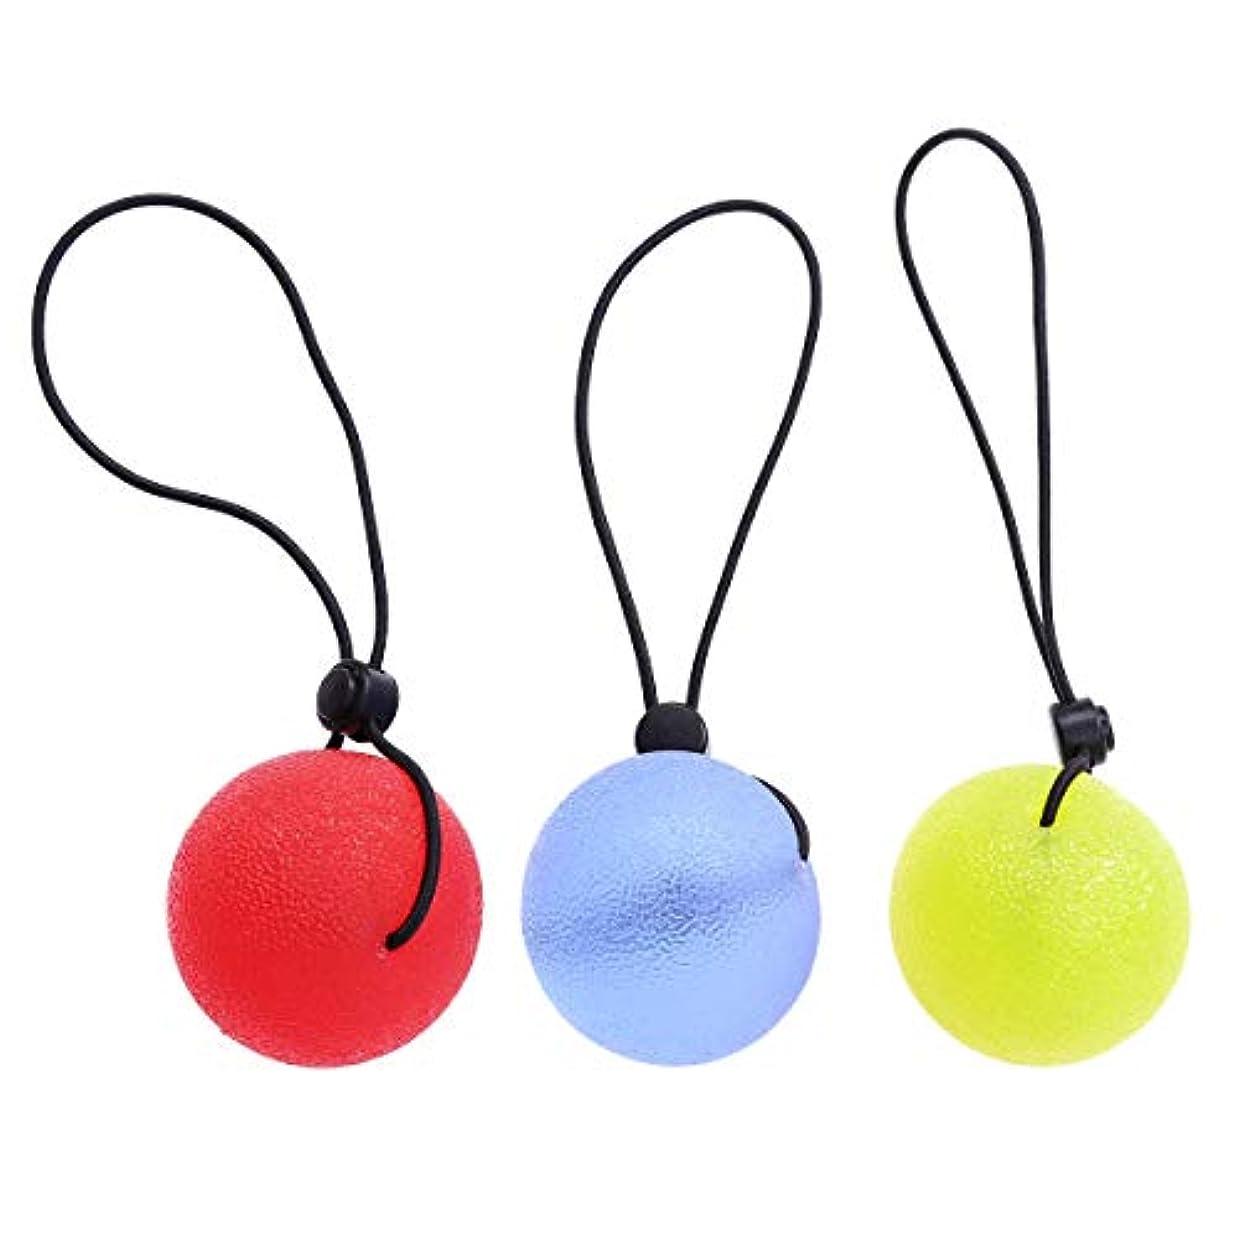 ショートチャレンジ制限SUPVOX 3個シリコーングリップボールハンドエクササイズボールハンドセラピー強化剤トレーナー